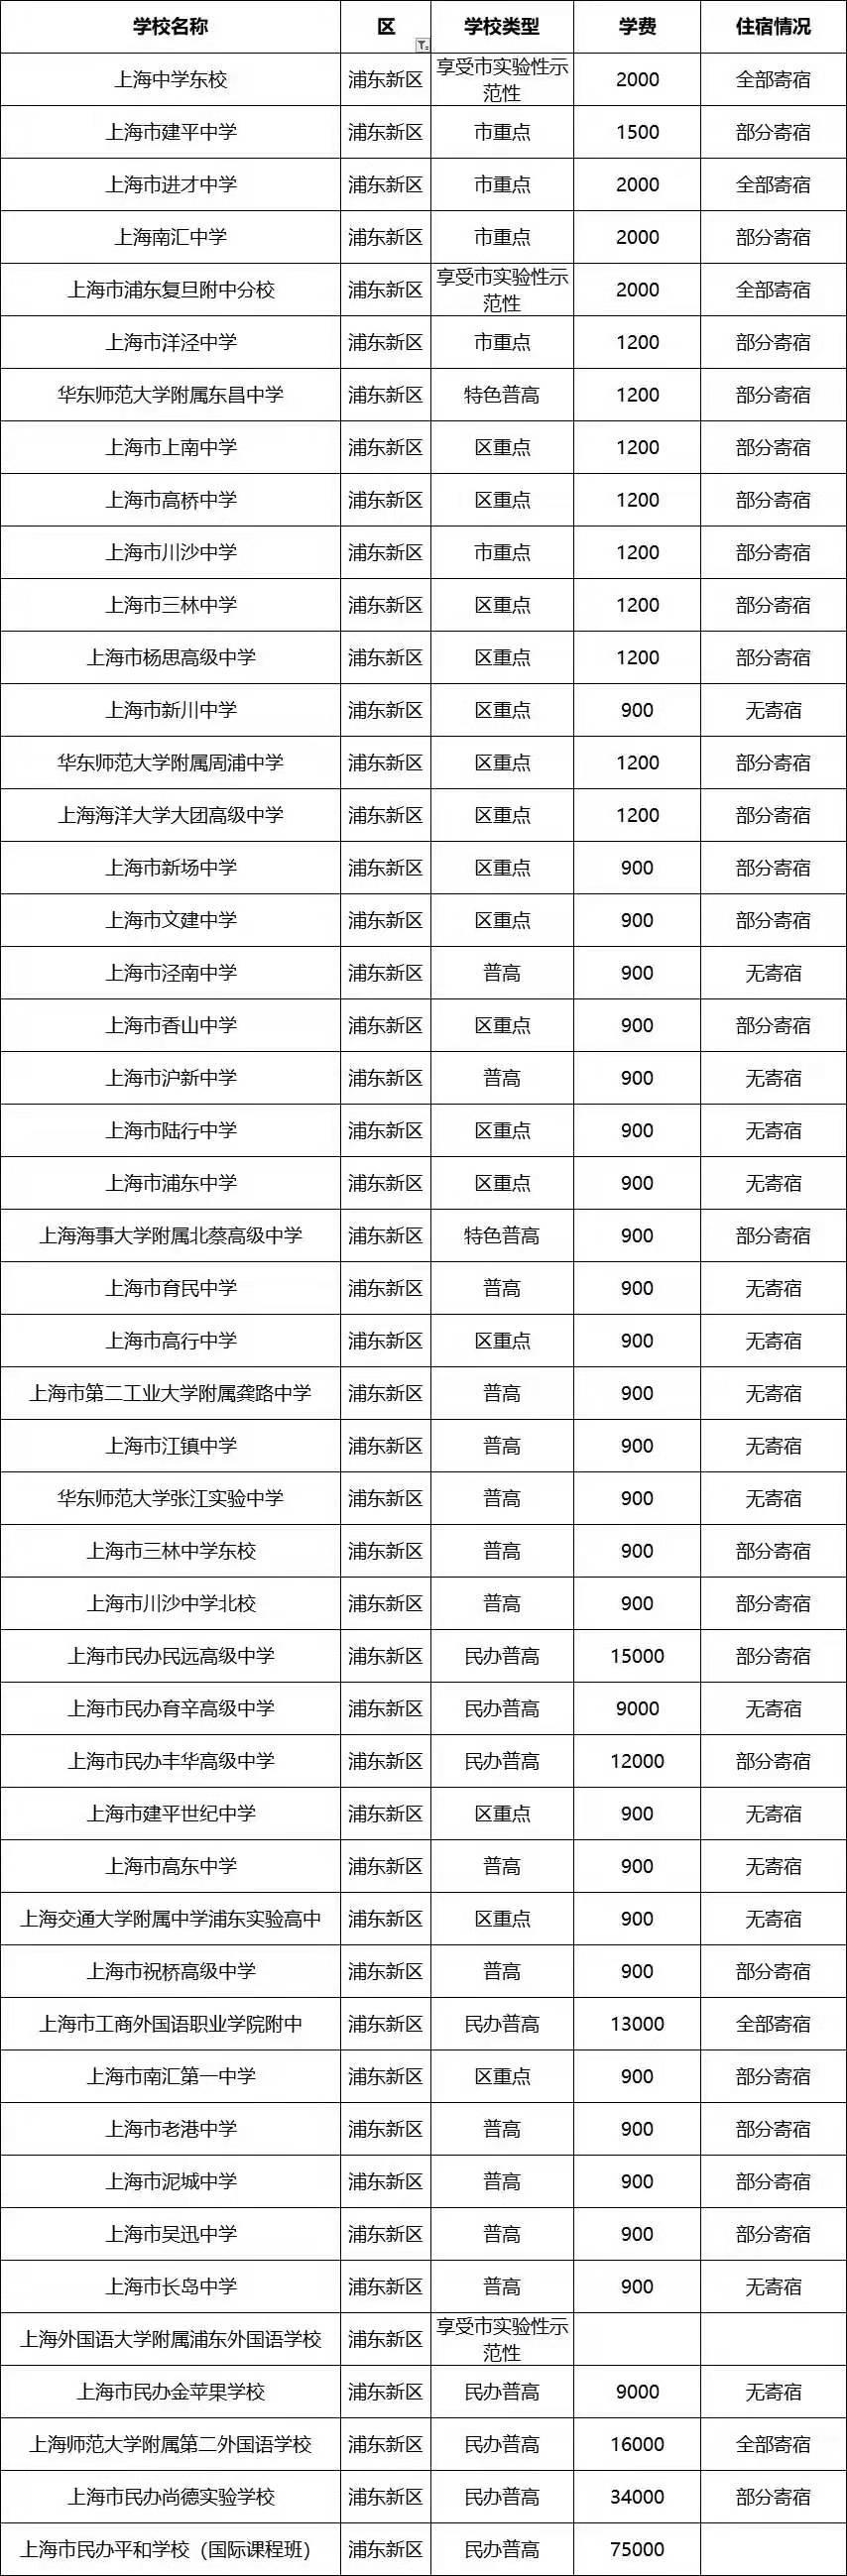 浦东新区高中住宿情况及学费明细